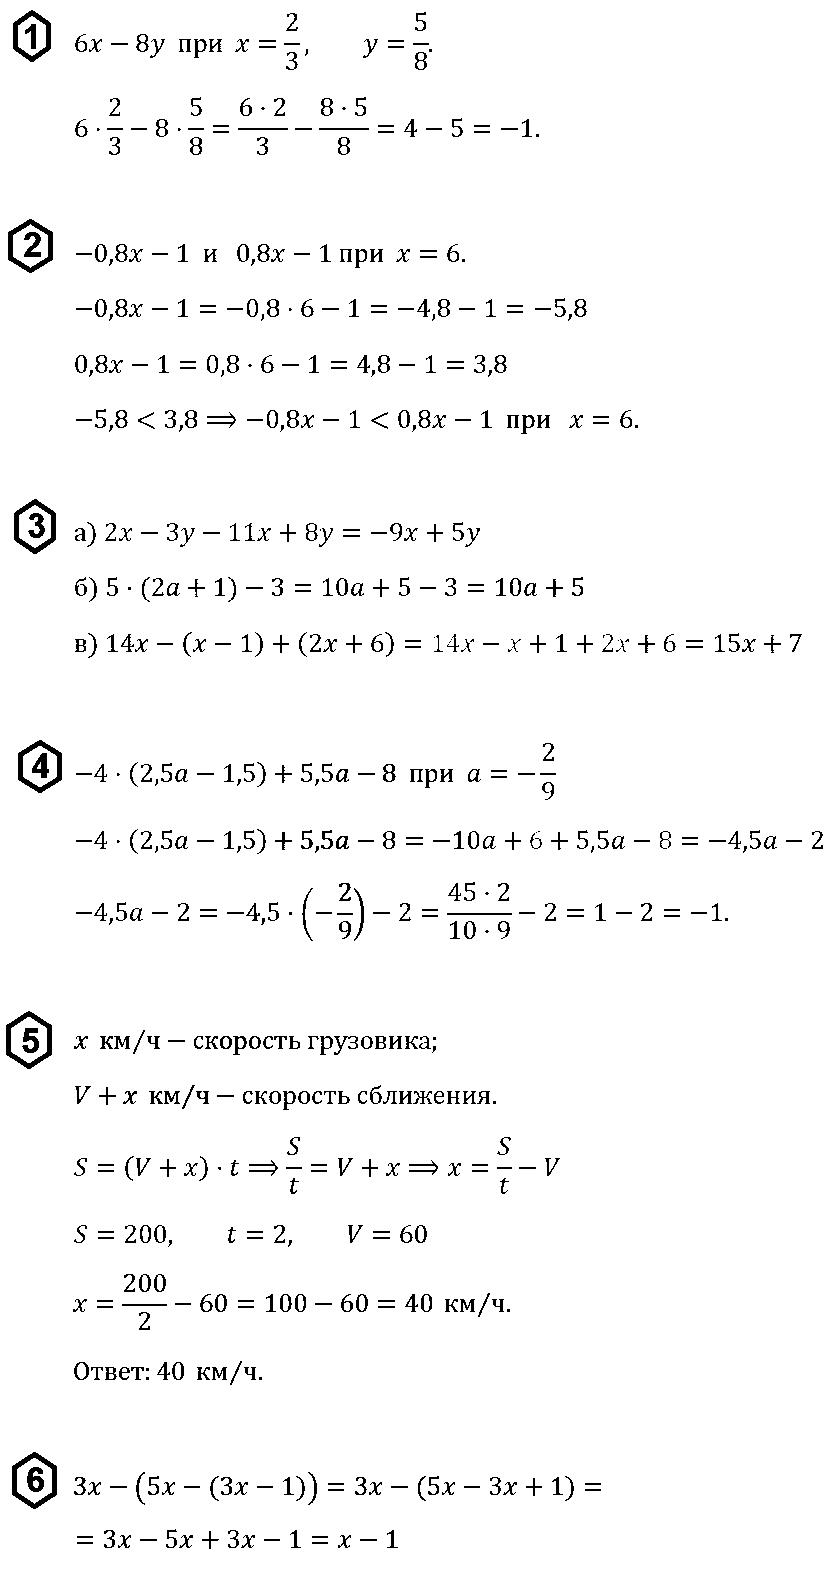 Алгебра 7 Макарычев КР-1 В1